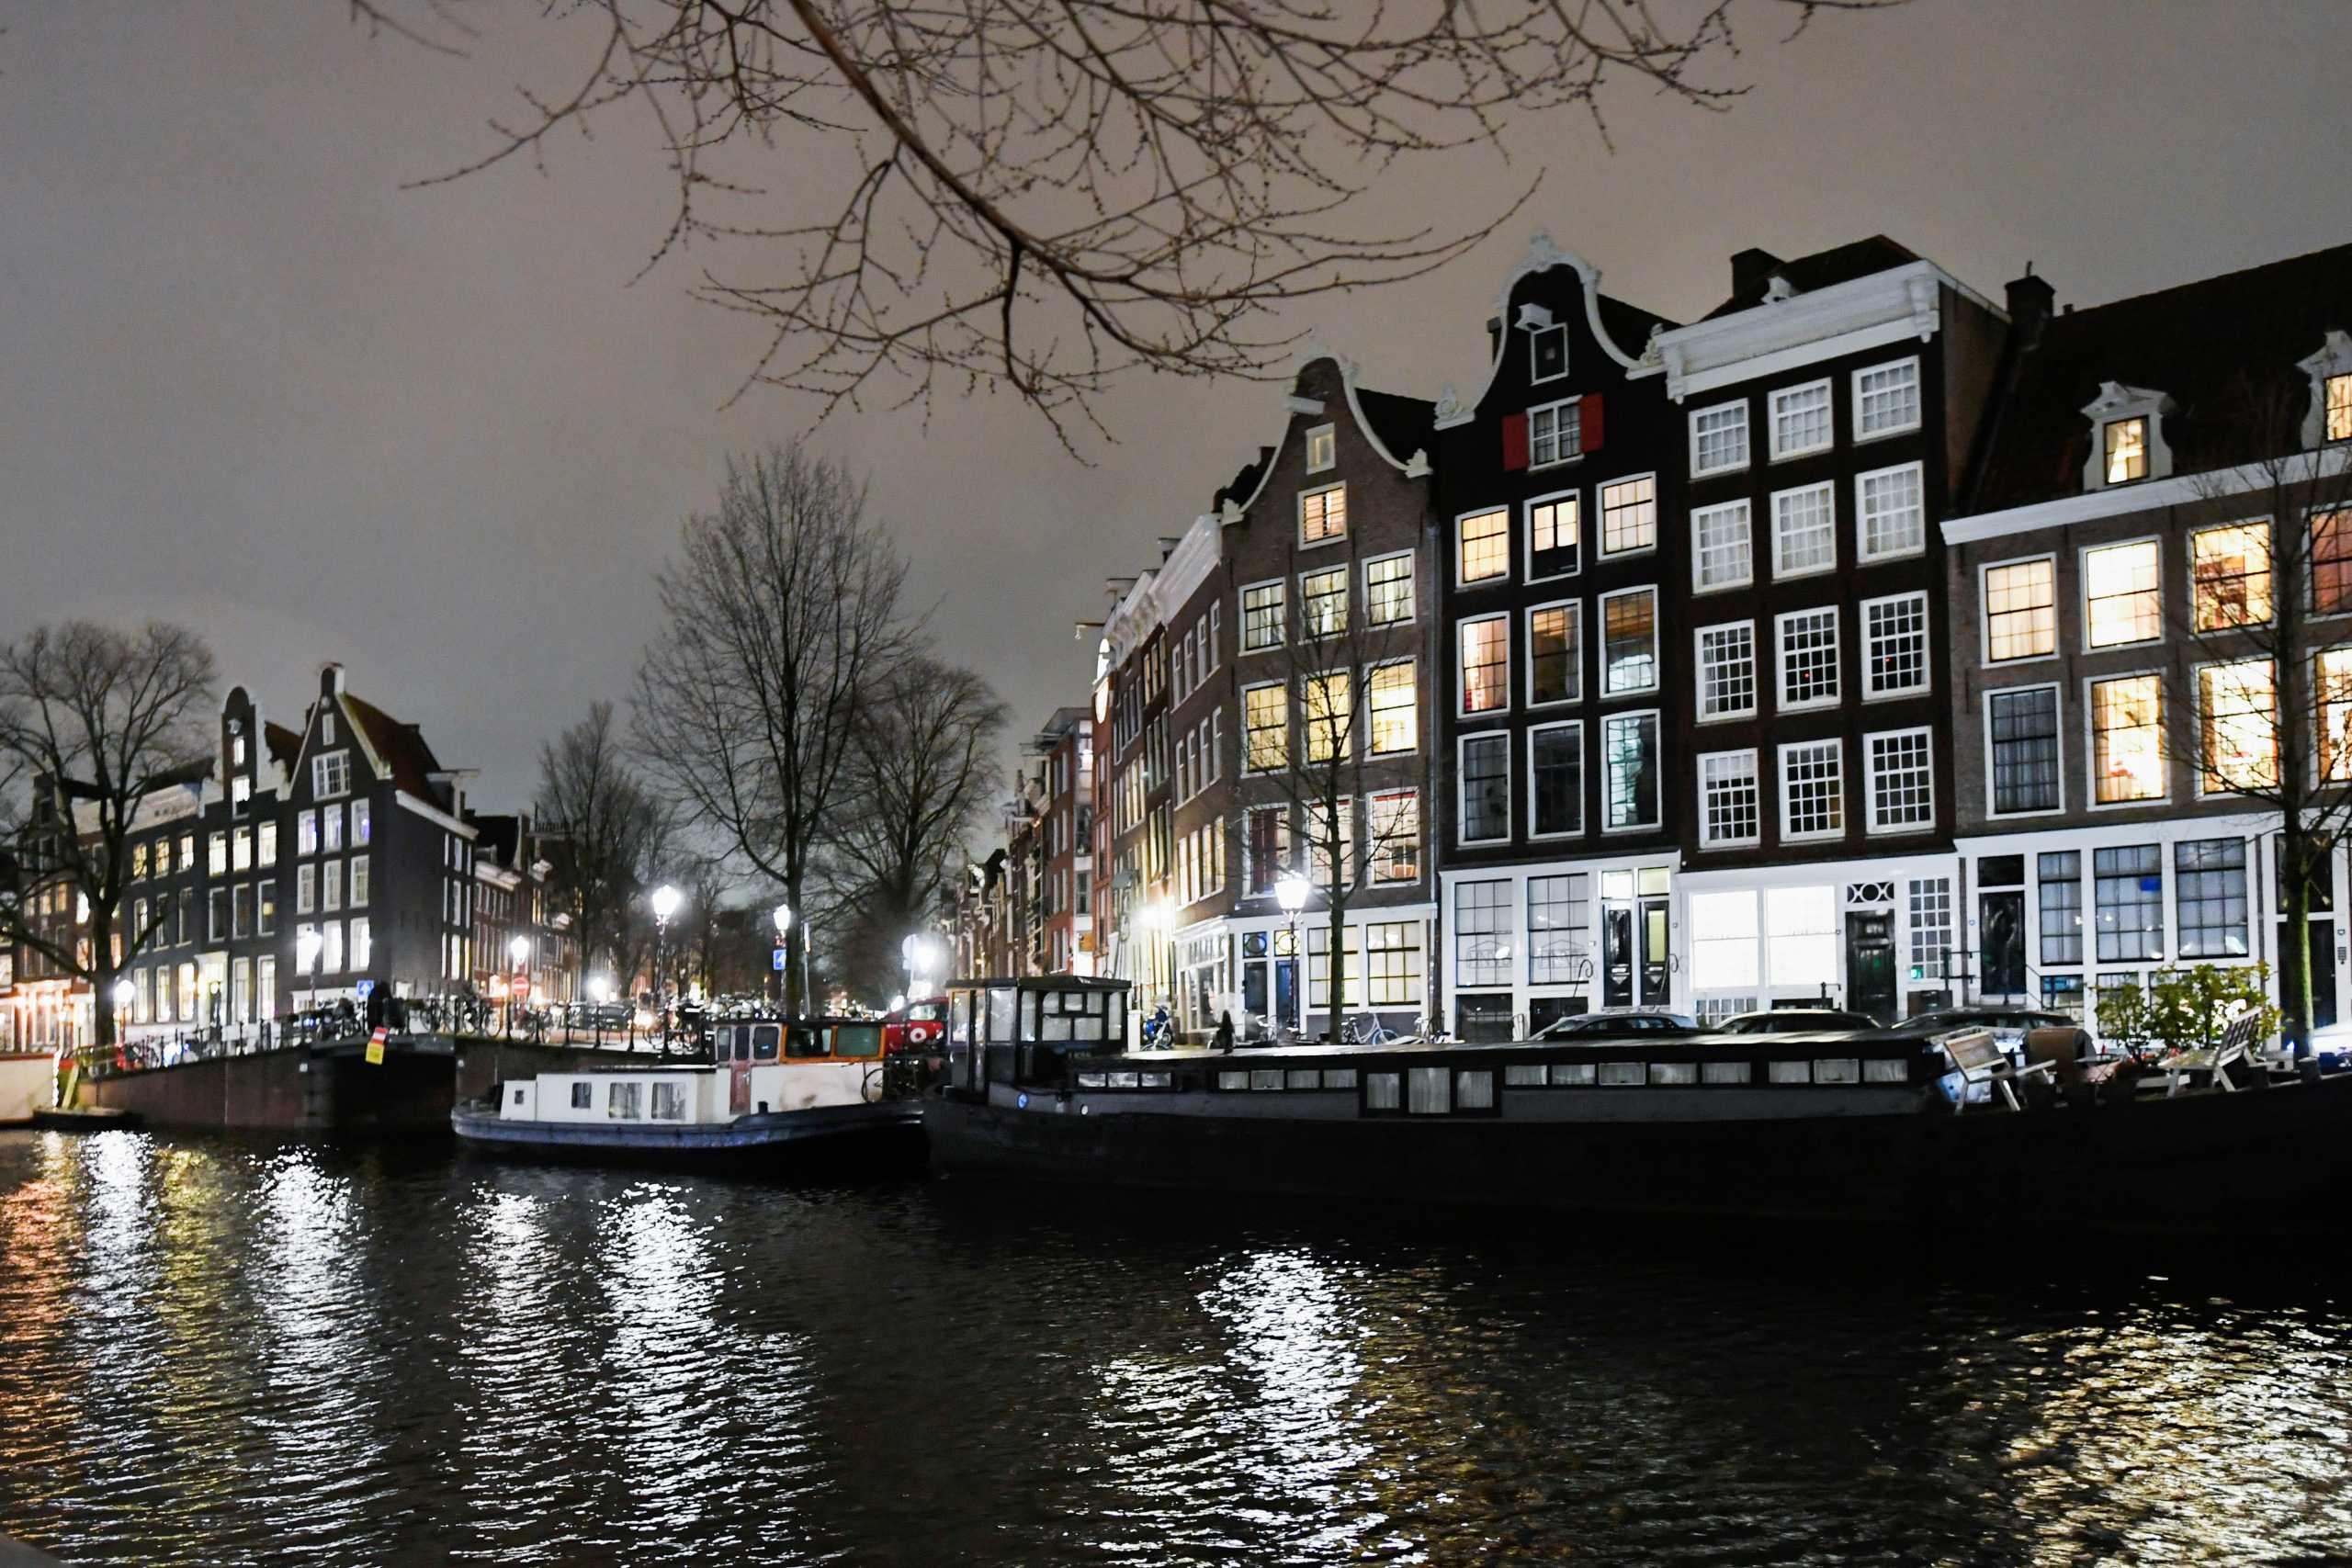 Ολλανδία: Χαλάρωση των μέτρων παρά την αύξηση κρουσμάτων κορονοϊού